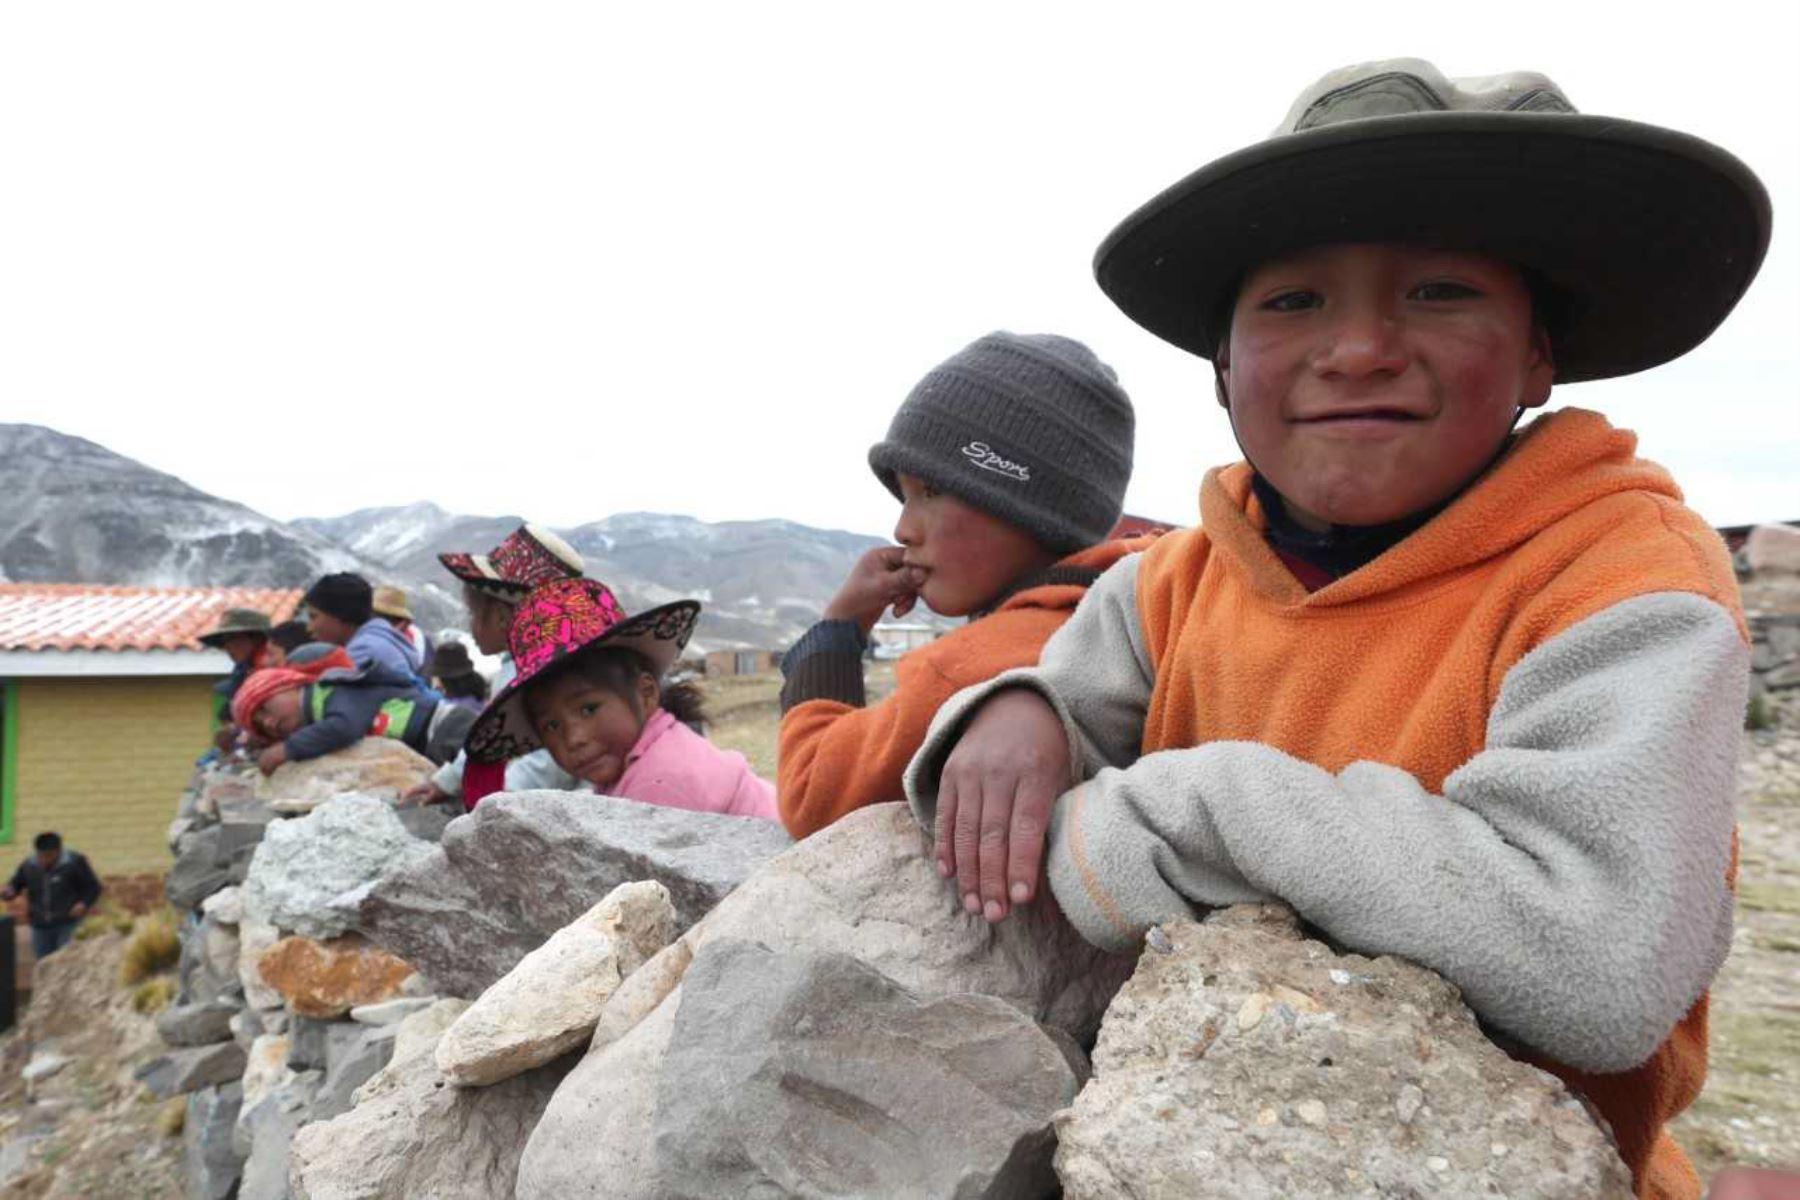 De acuerdo al Plan Multisectorial ante Heladas y Friaje 2018 que emprende el Ejecutivo, el Ministerio de Energía y Minas (MEM) ejecutará cuatro proyectos de electrificación rural que beneficiará a 7,416 pobladores de 141 localidades vulnerables a estos fenómenos climatológicos ubicadas en las regiones de Cusco y Ucayali, principalmente.